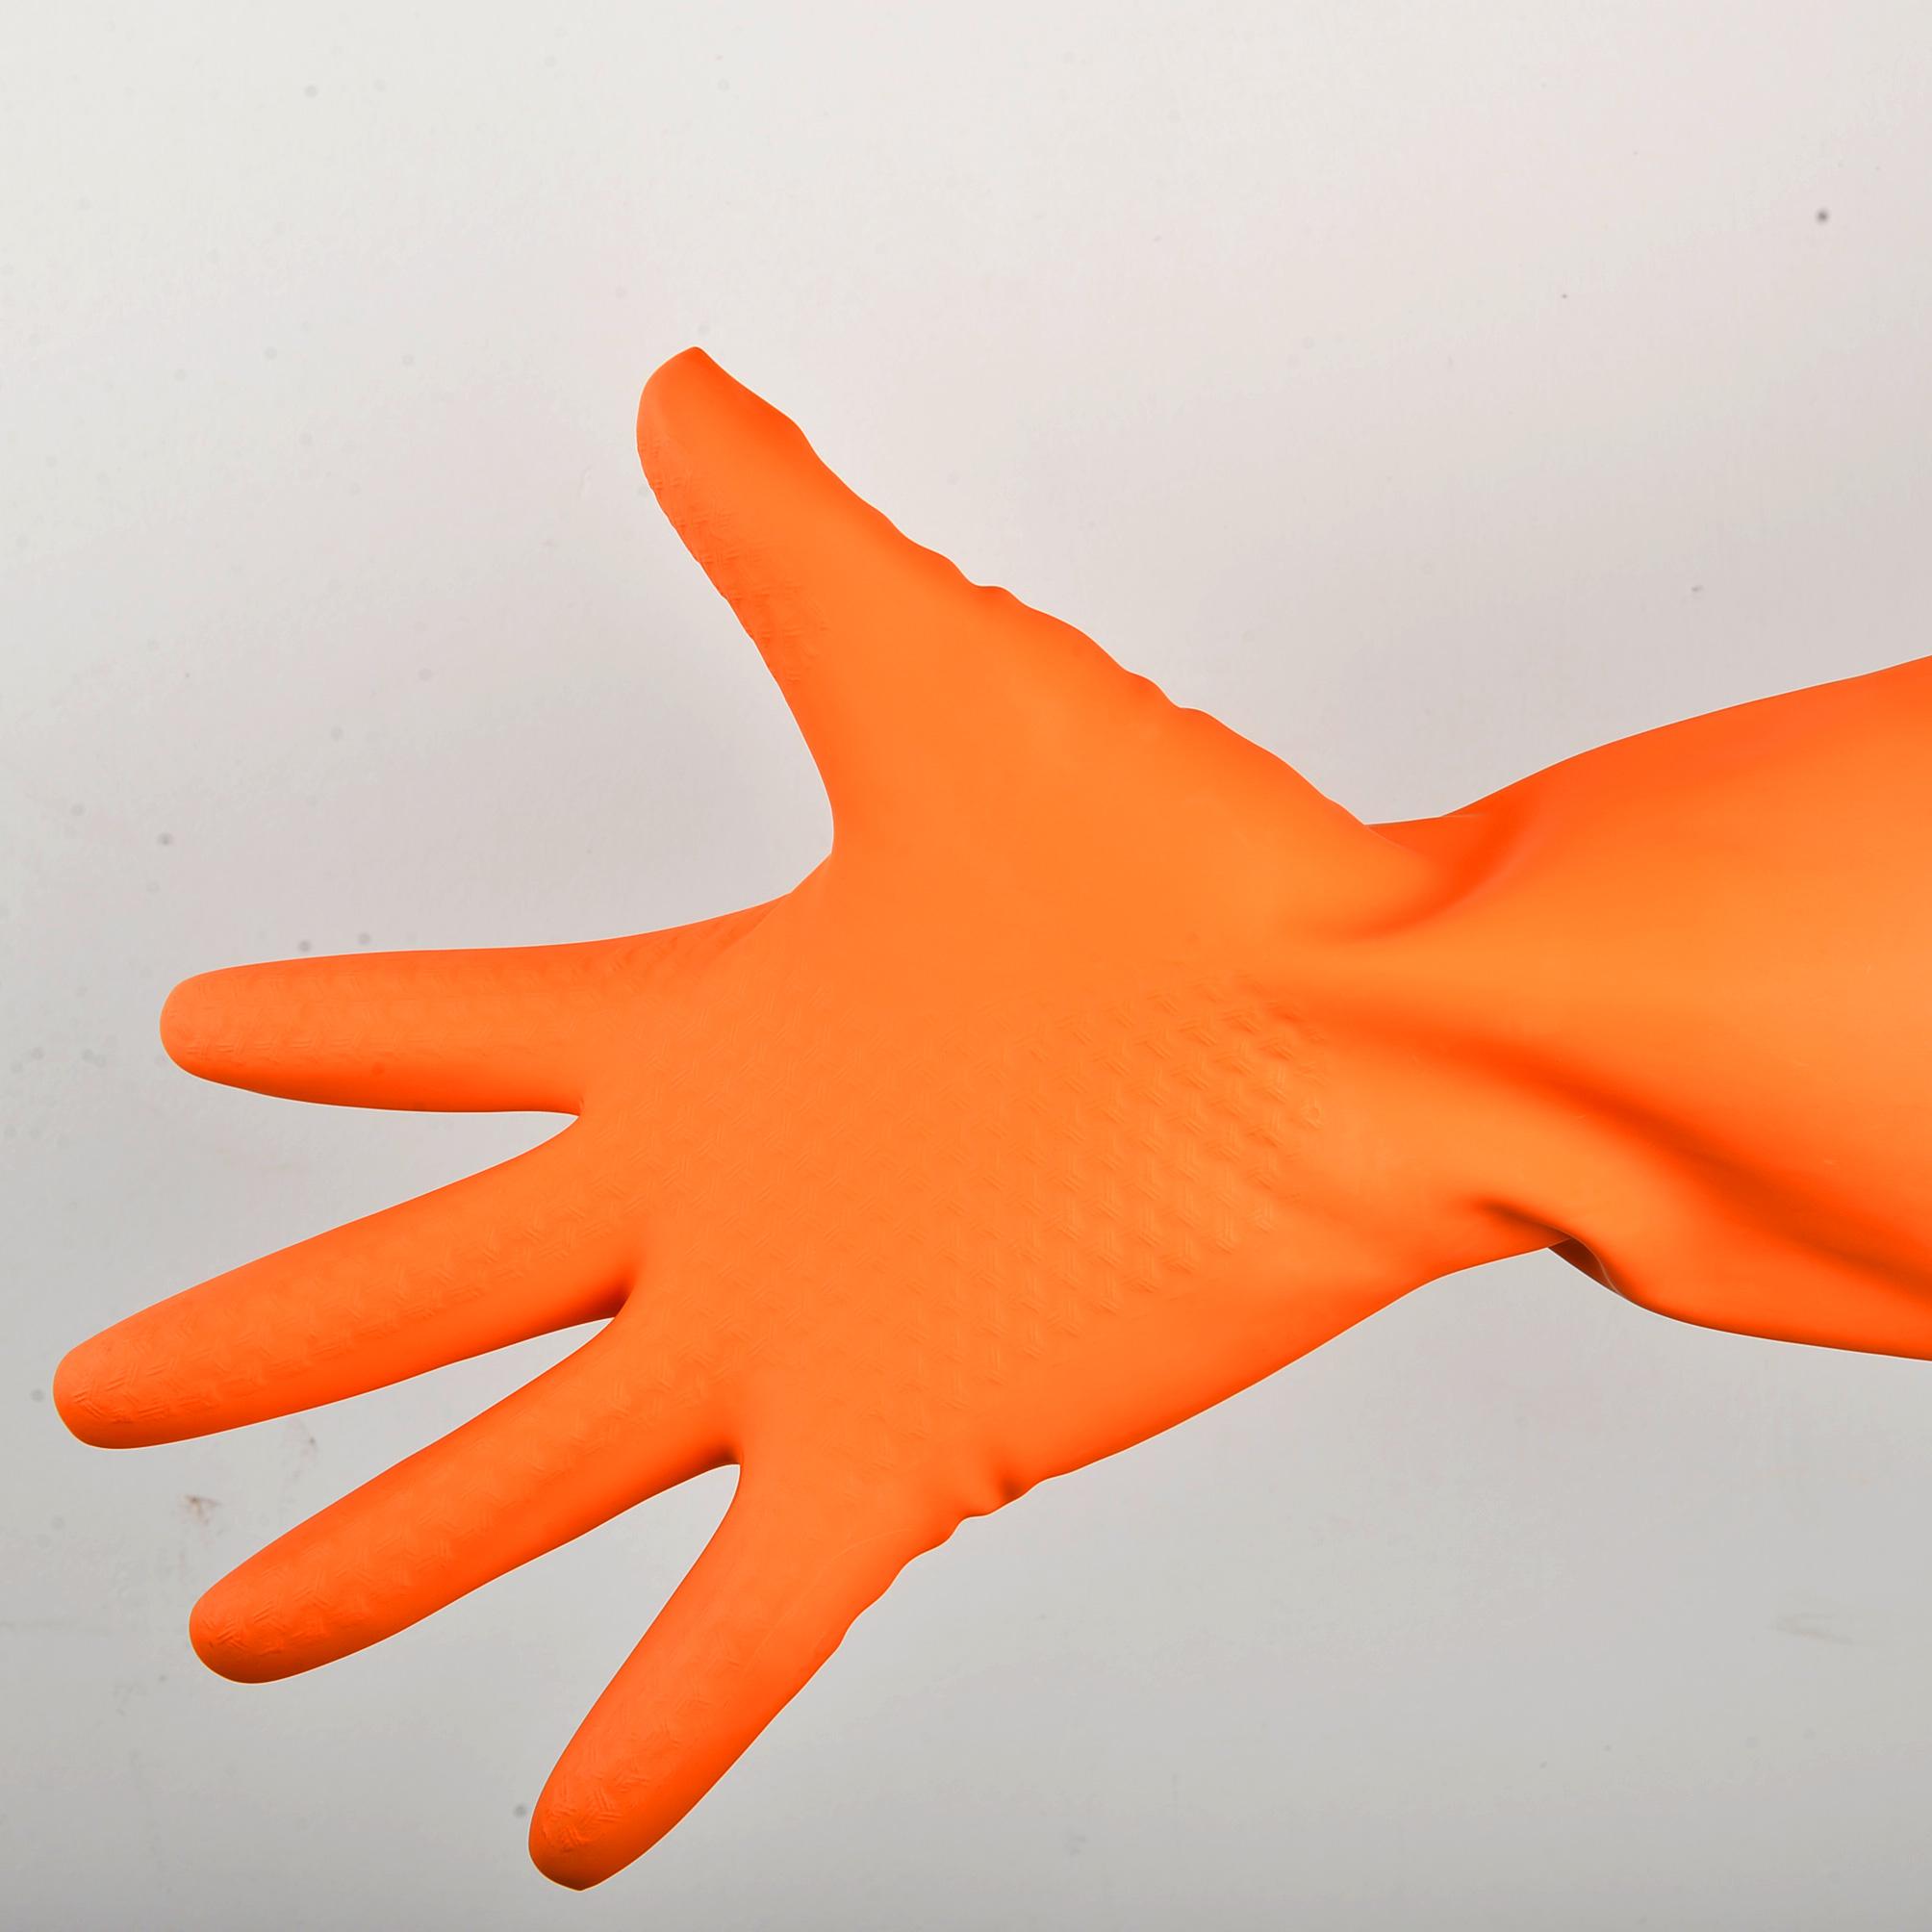 牛筋乳胶手套加厚耐用耐磨橡胶家务厨房洗碗洗衣塑胶家用胶皮手套